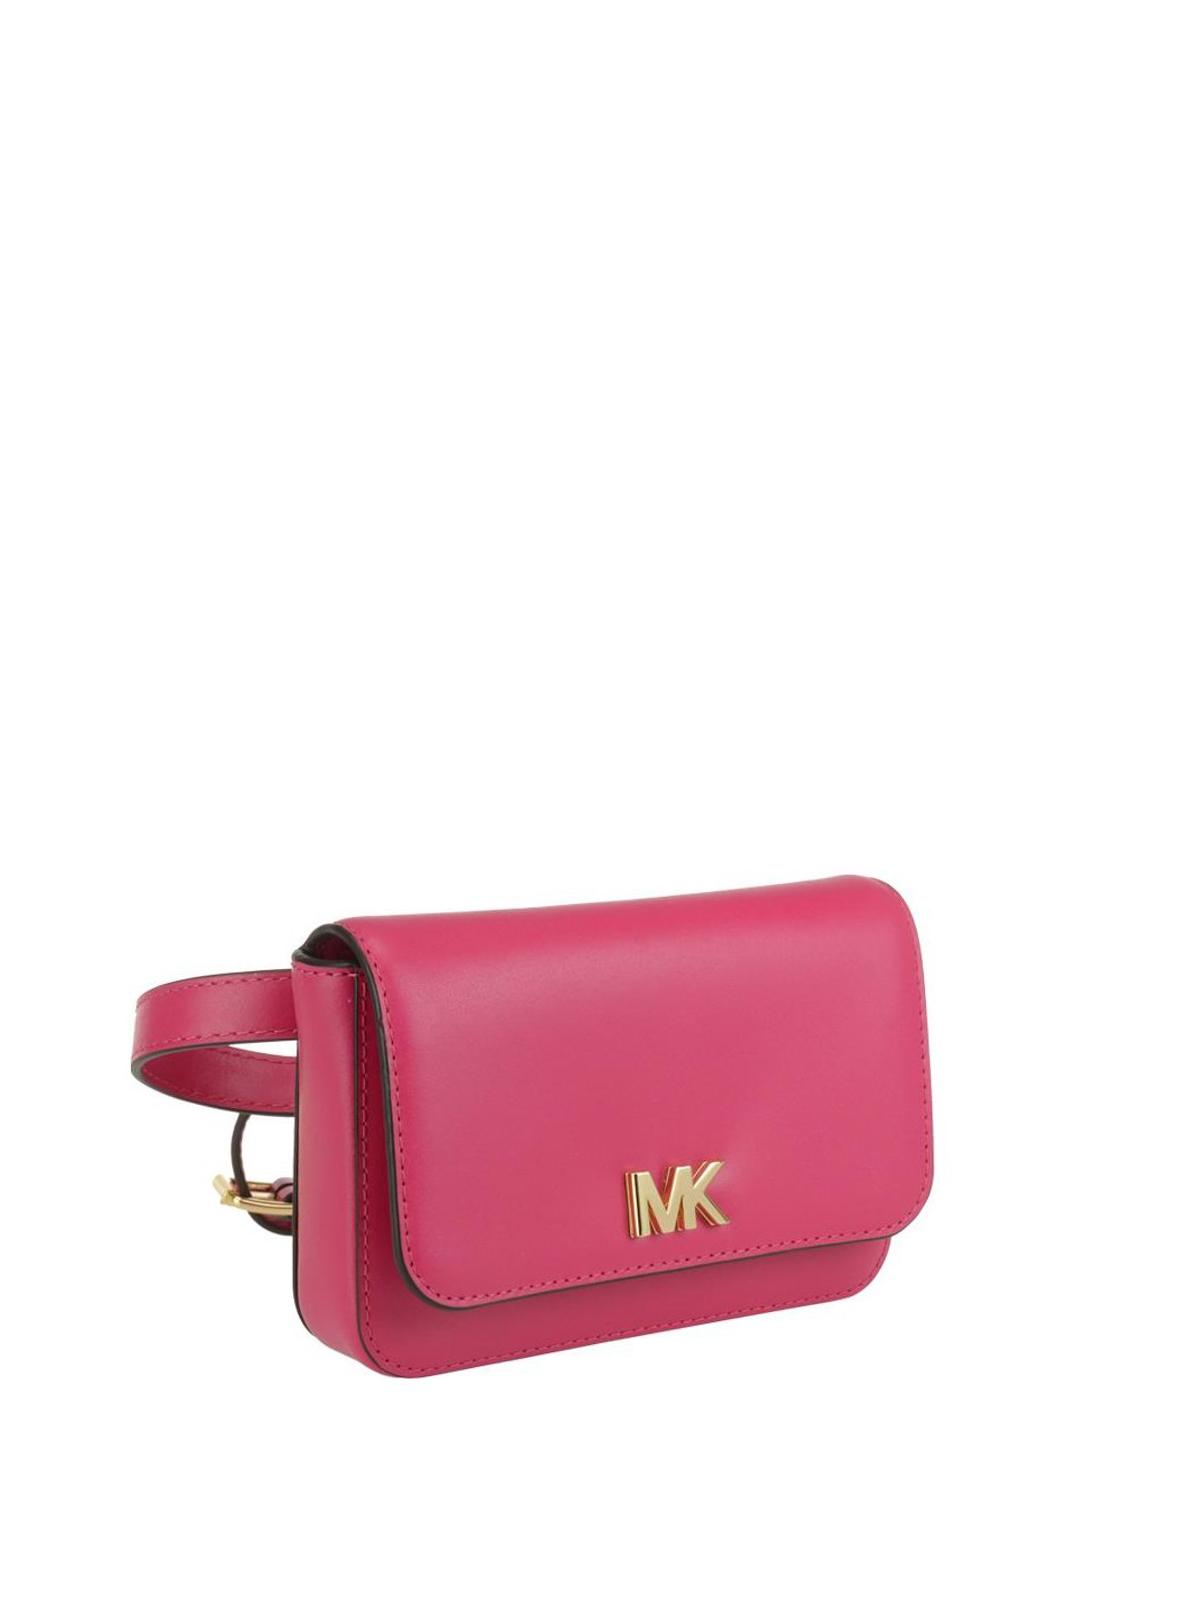 Michael Kors Marsupio Mott in pelle rosa scuro marsupi